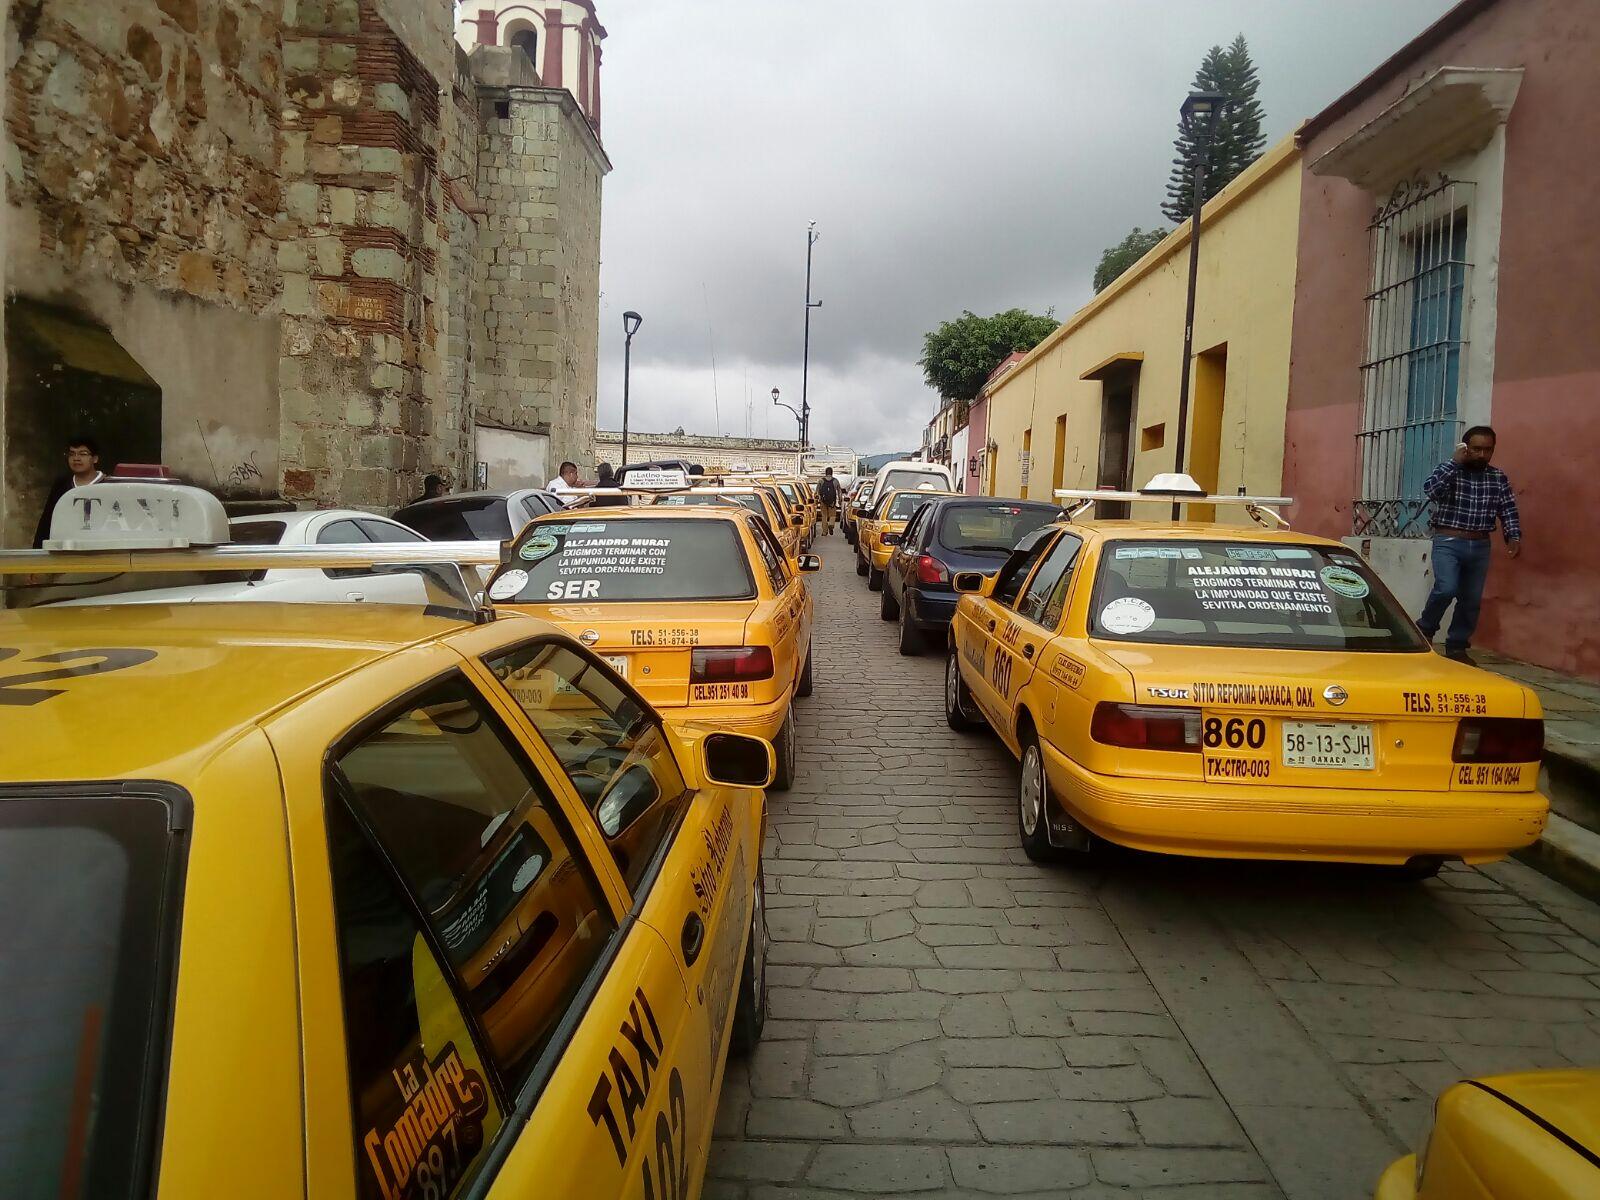 Taxistas de CATCEO paran labores en Oaxaca | El Imparcial de Oaxaca